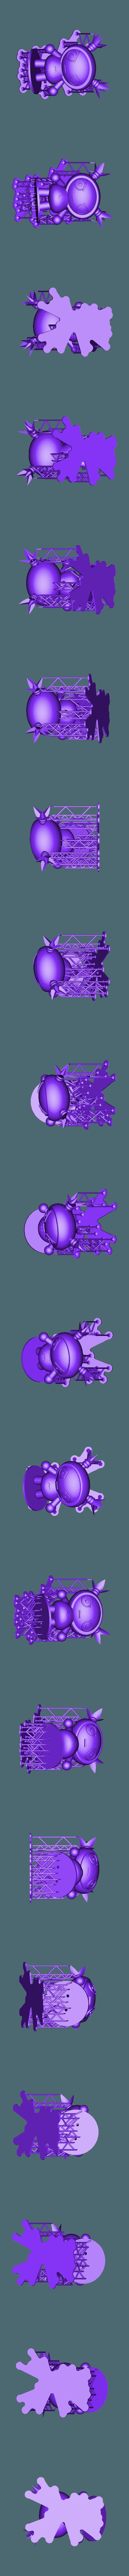 Garu supports.stl Télécharger fichier STL gratuit Garu du dessin animé Pucca • Plan à imprimer en 3D, Jangie